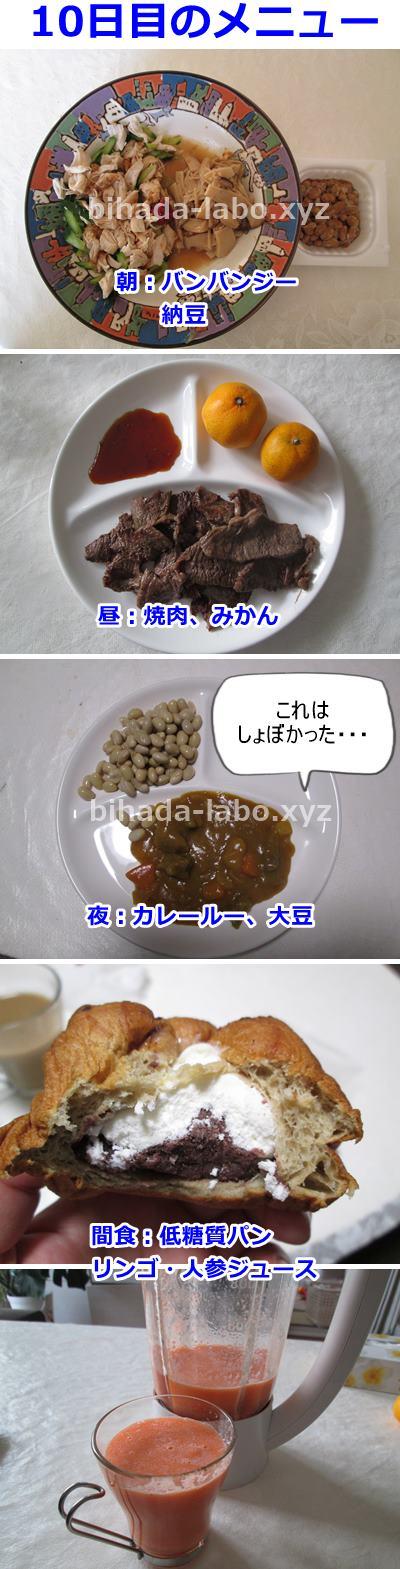 bi-food-day10